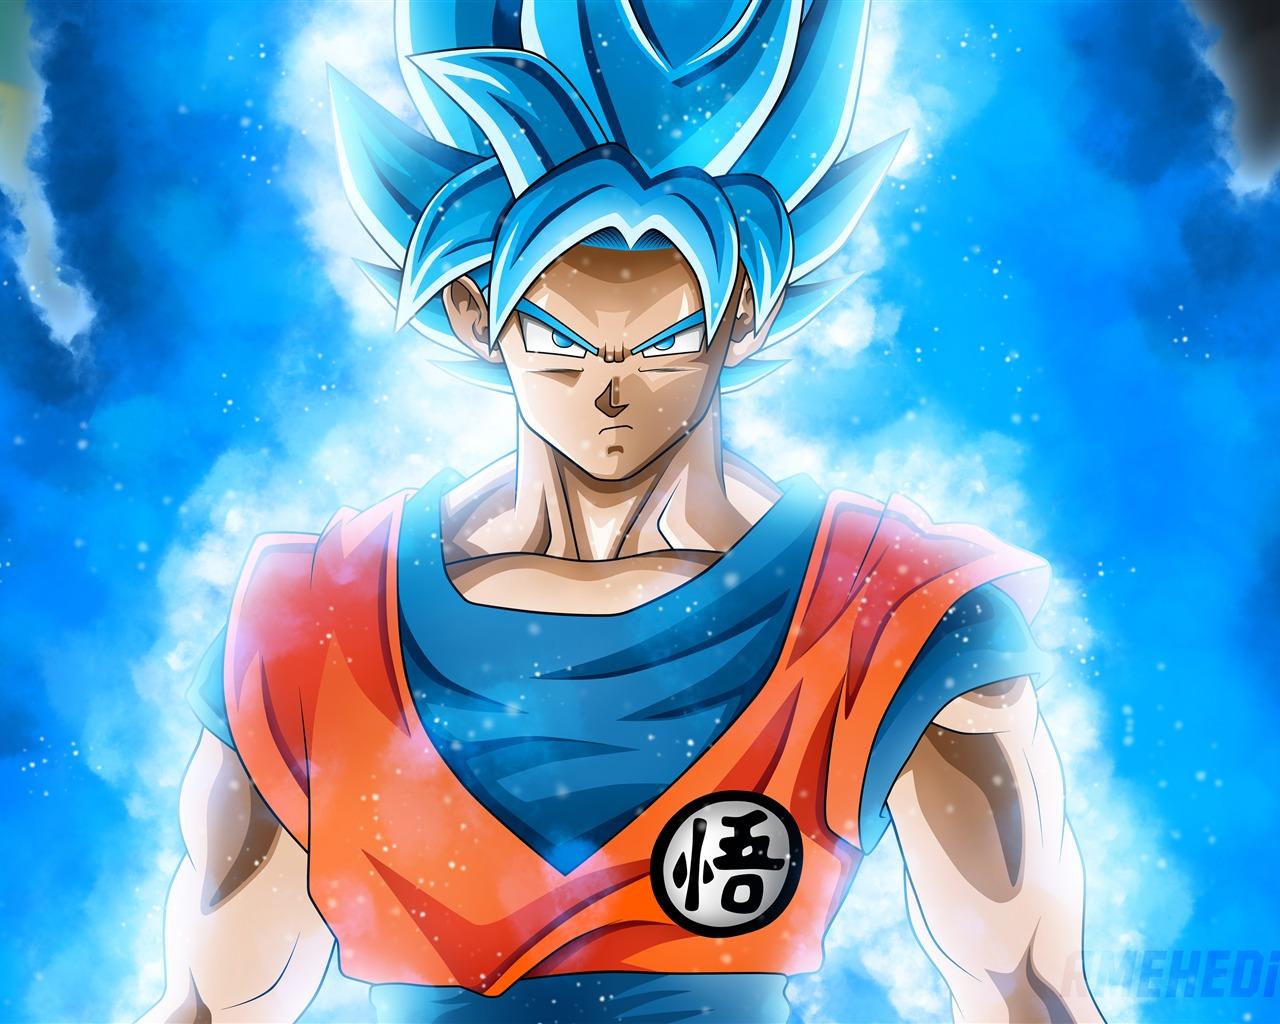 2018 Japan Anime Dragon Ball Super Goku Preview ...